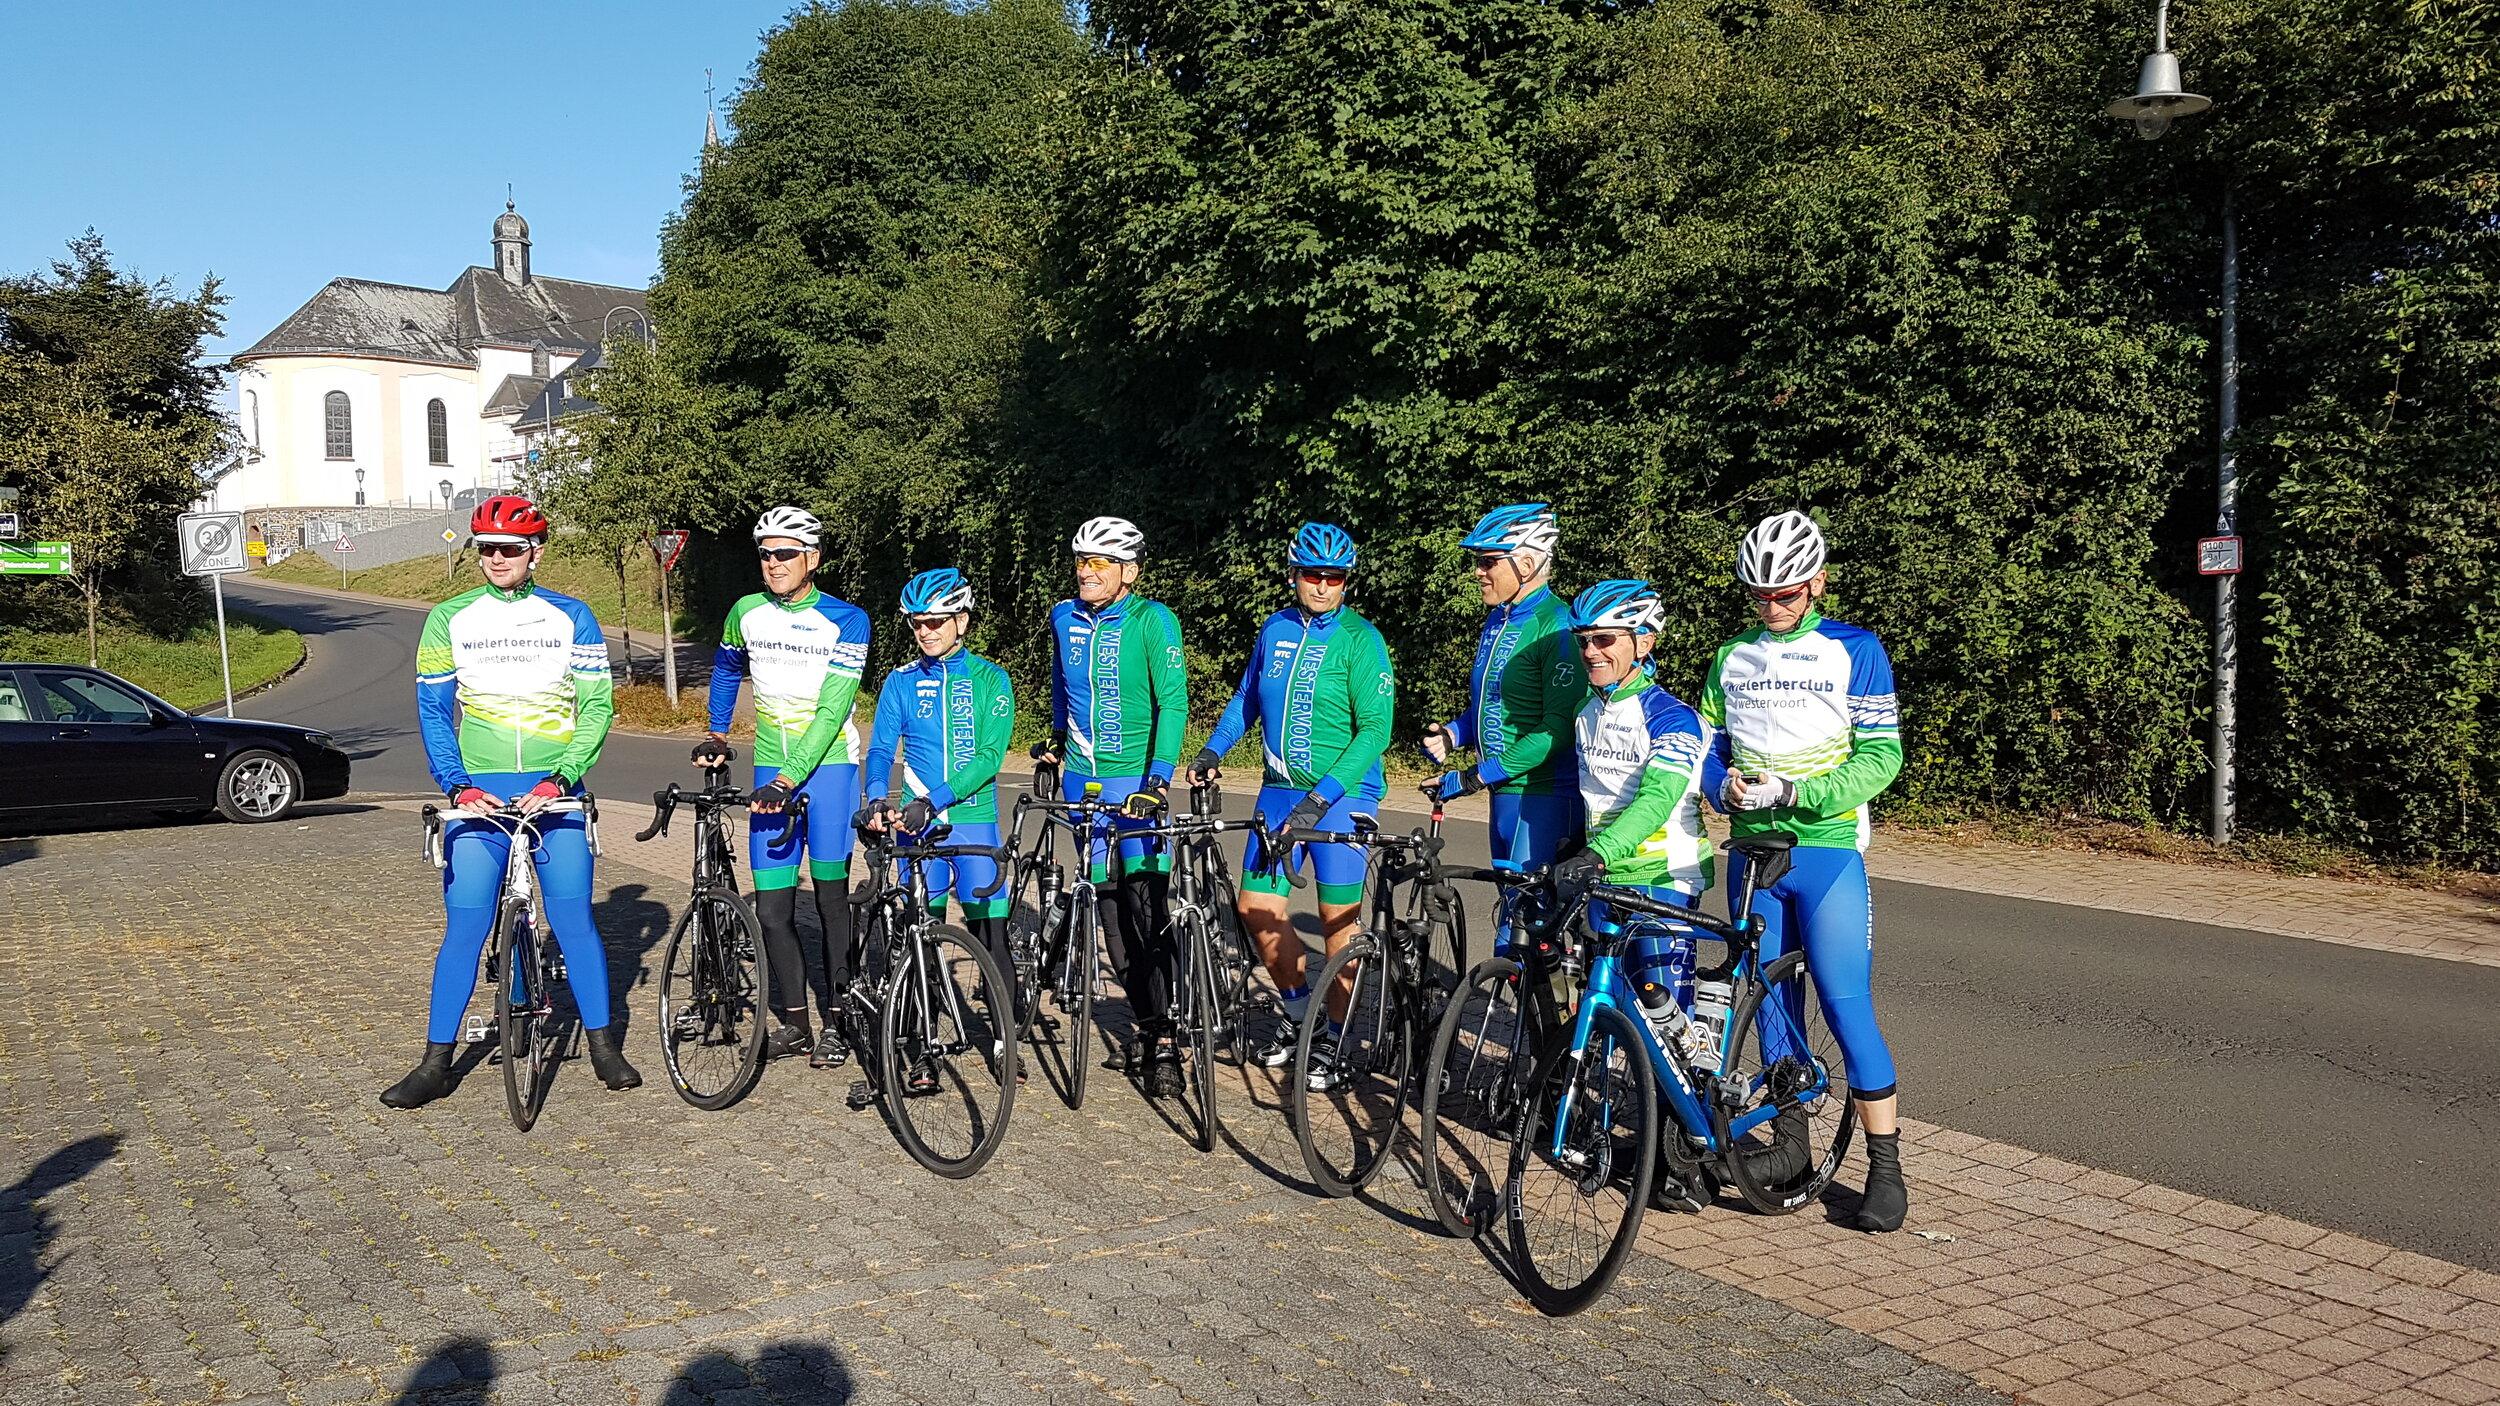 Groep 1: Bart, Harry, Herman, Henk, Jerrie, Herman, Bart en William.